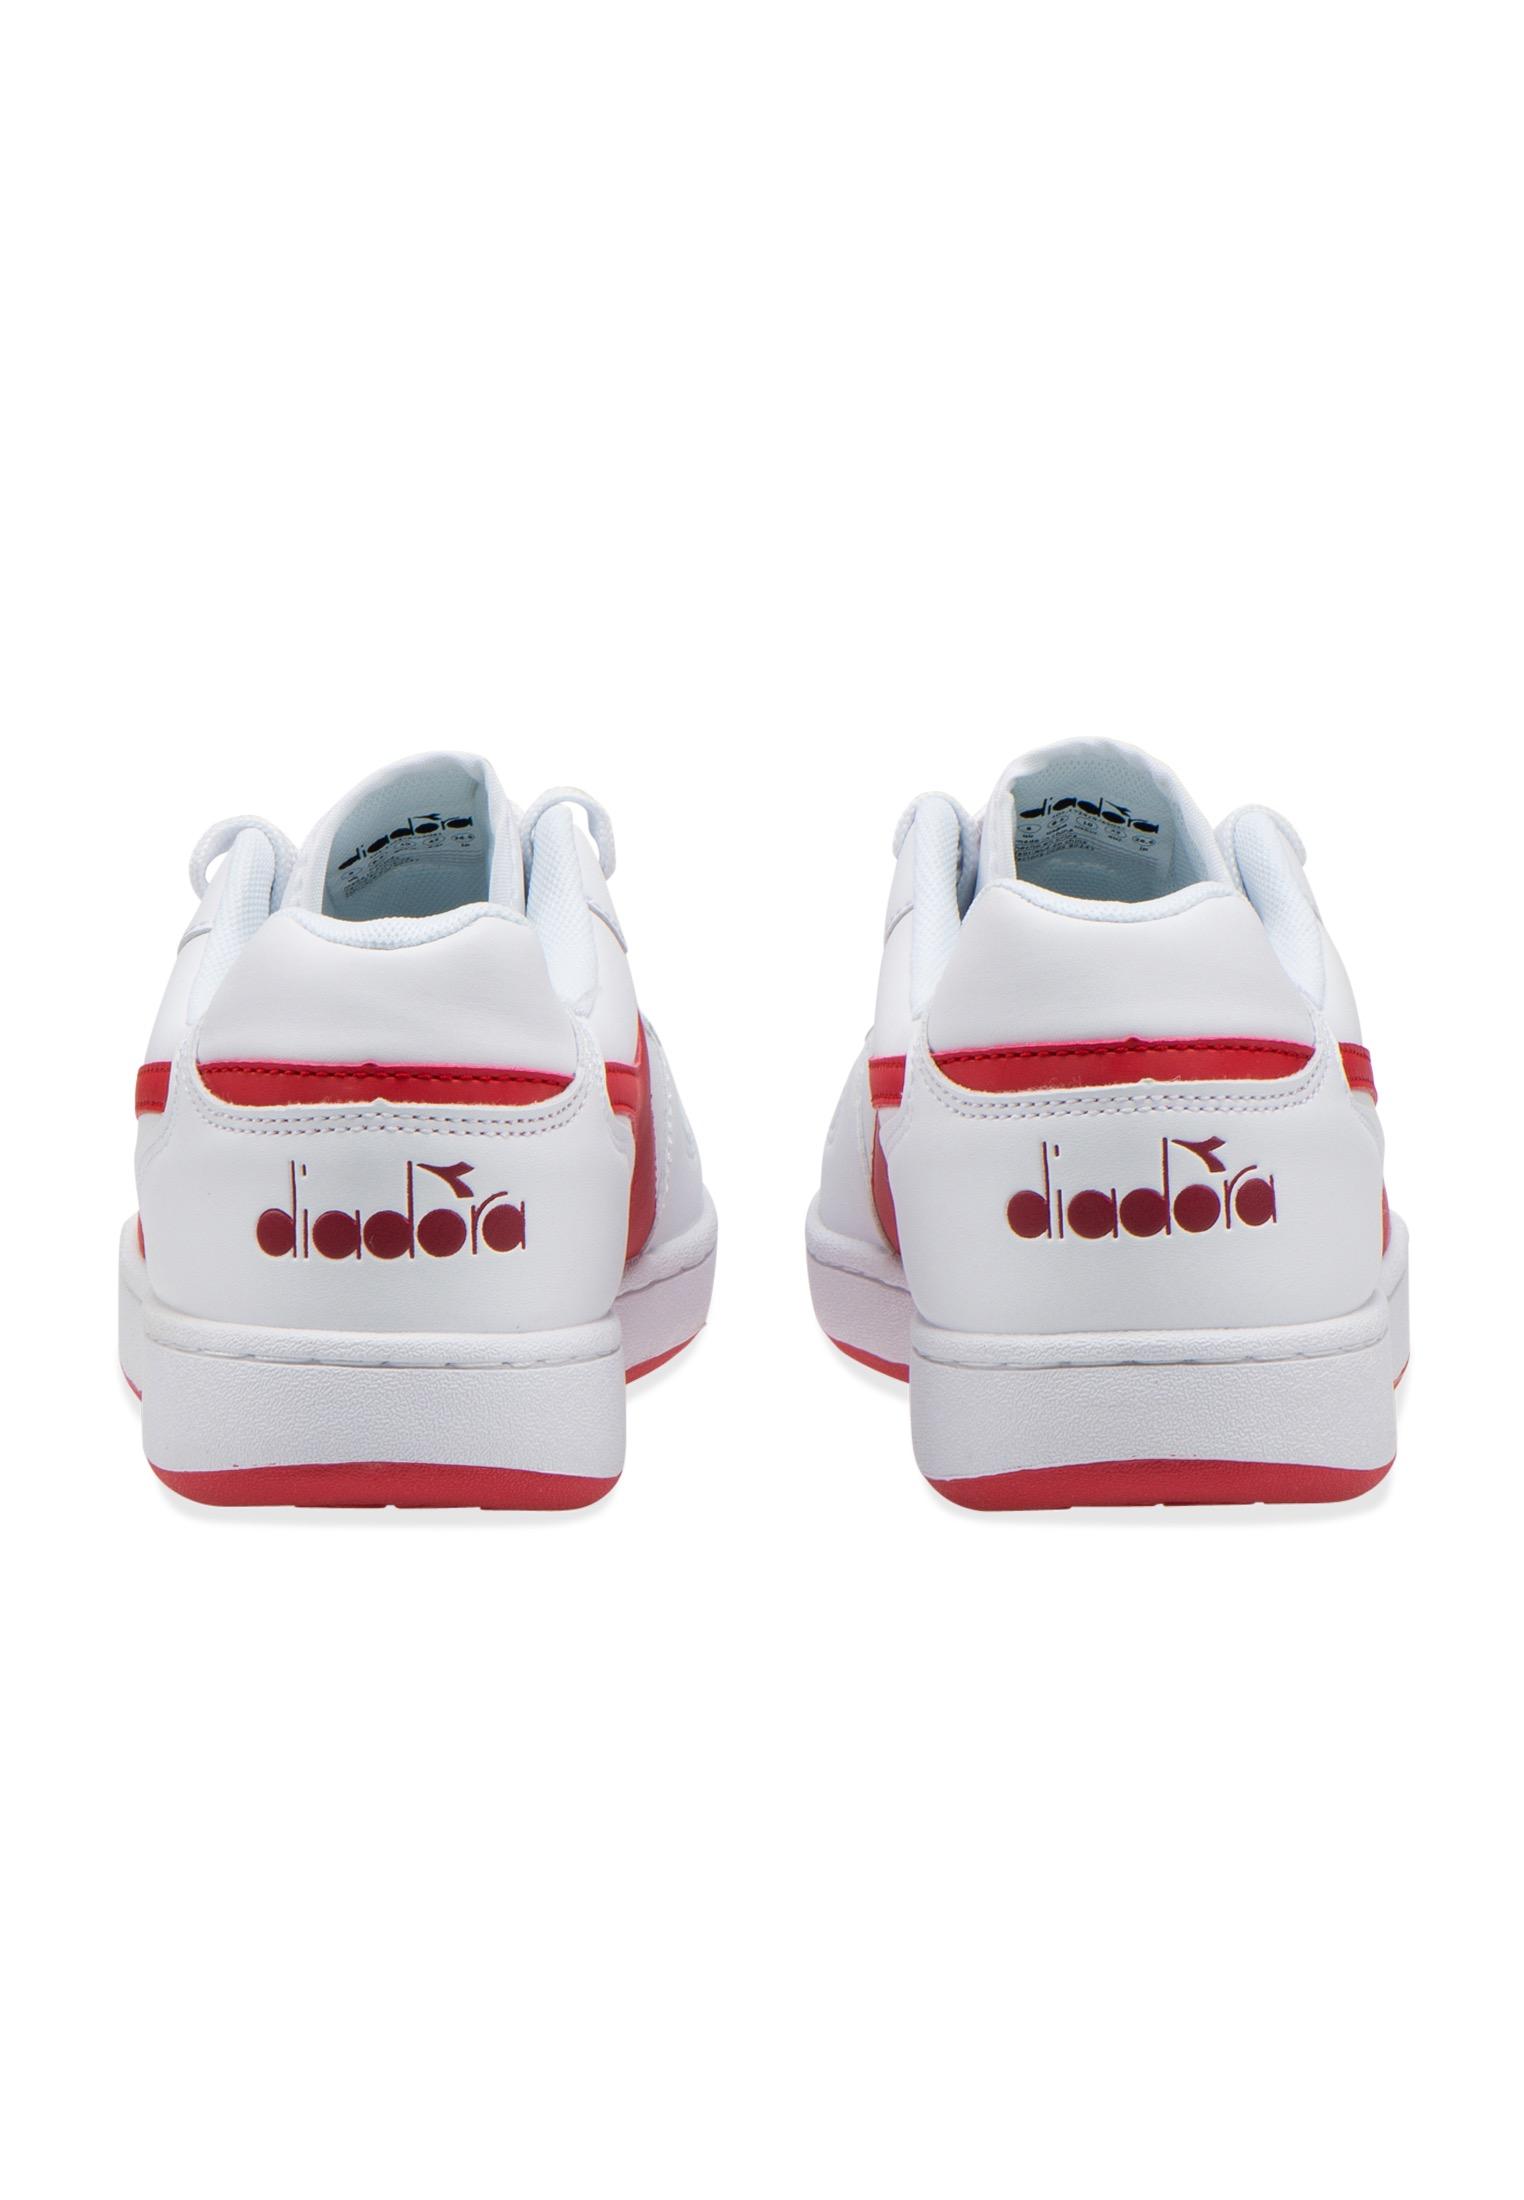 Scarpe-Diadora-Playground-Sneakers-sportive-uomo-donna-vari-colori-piu-taglie miniatura 19